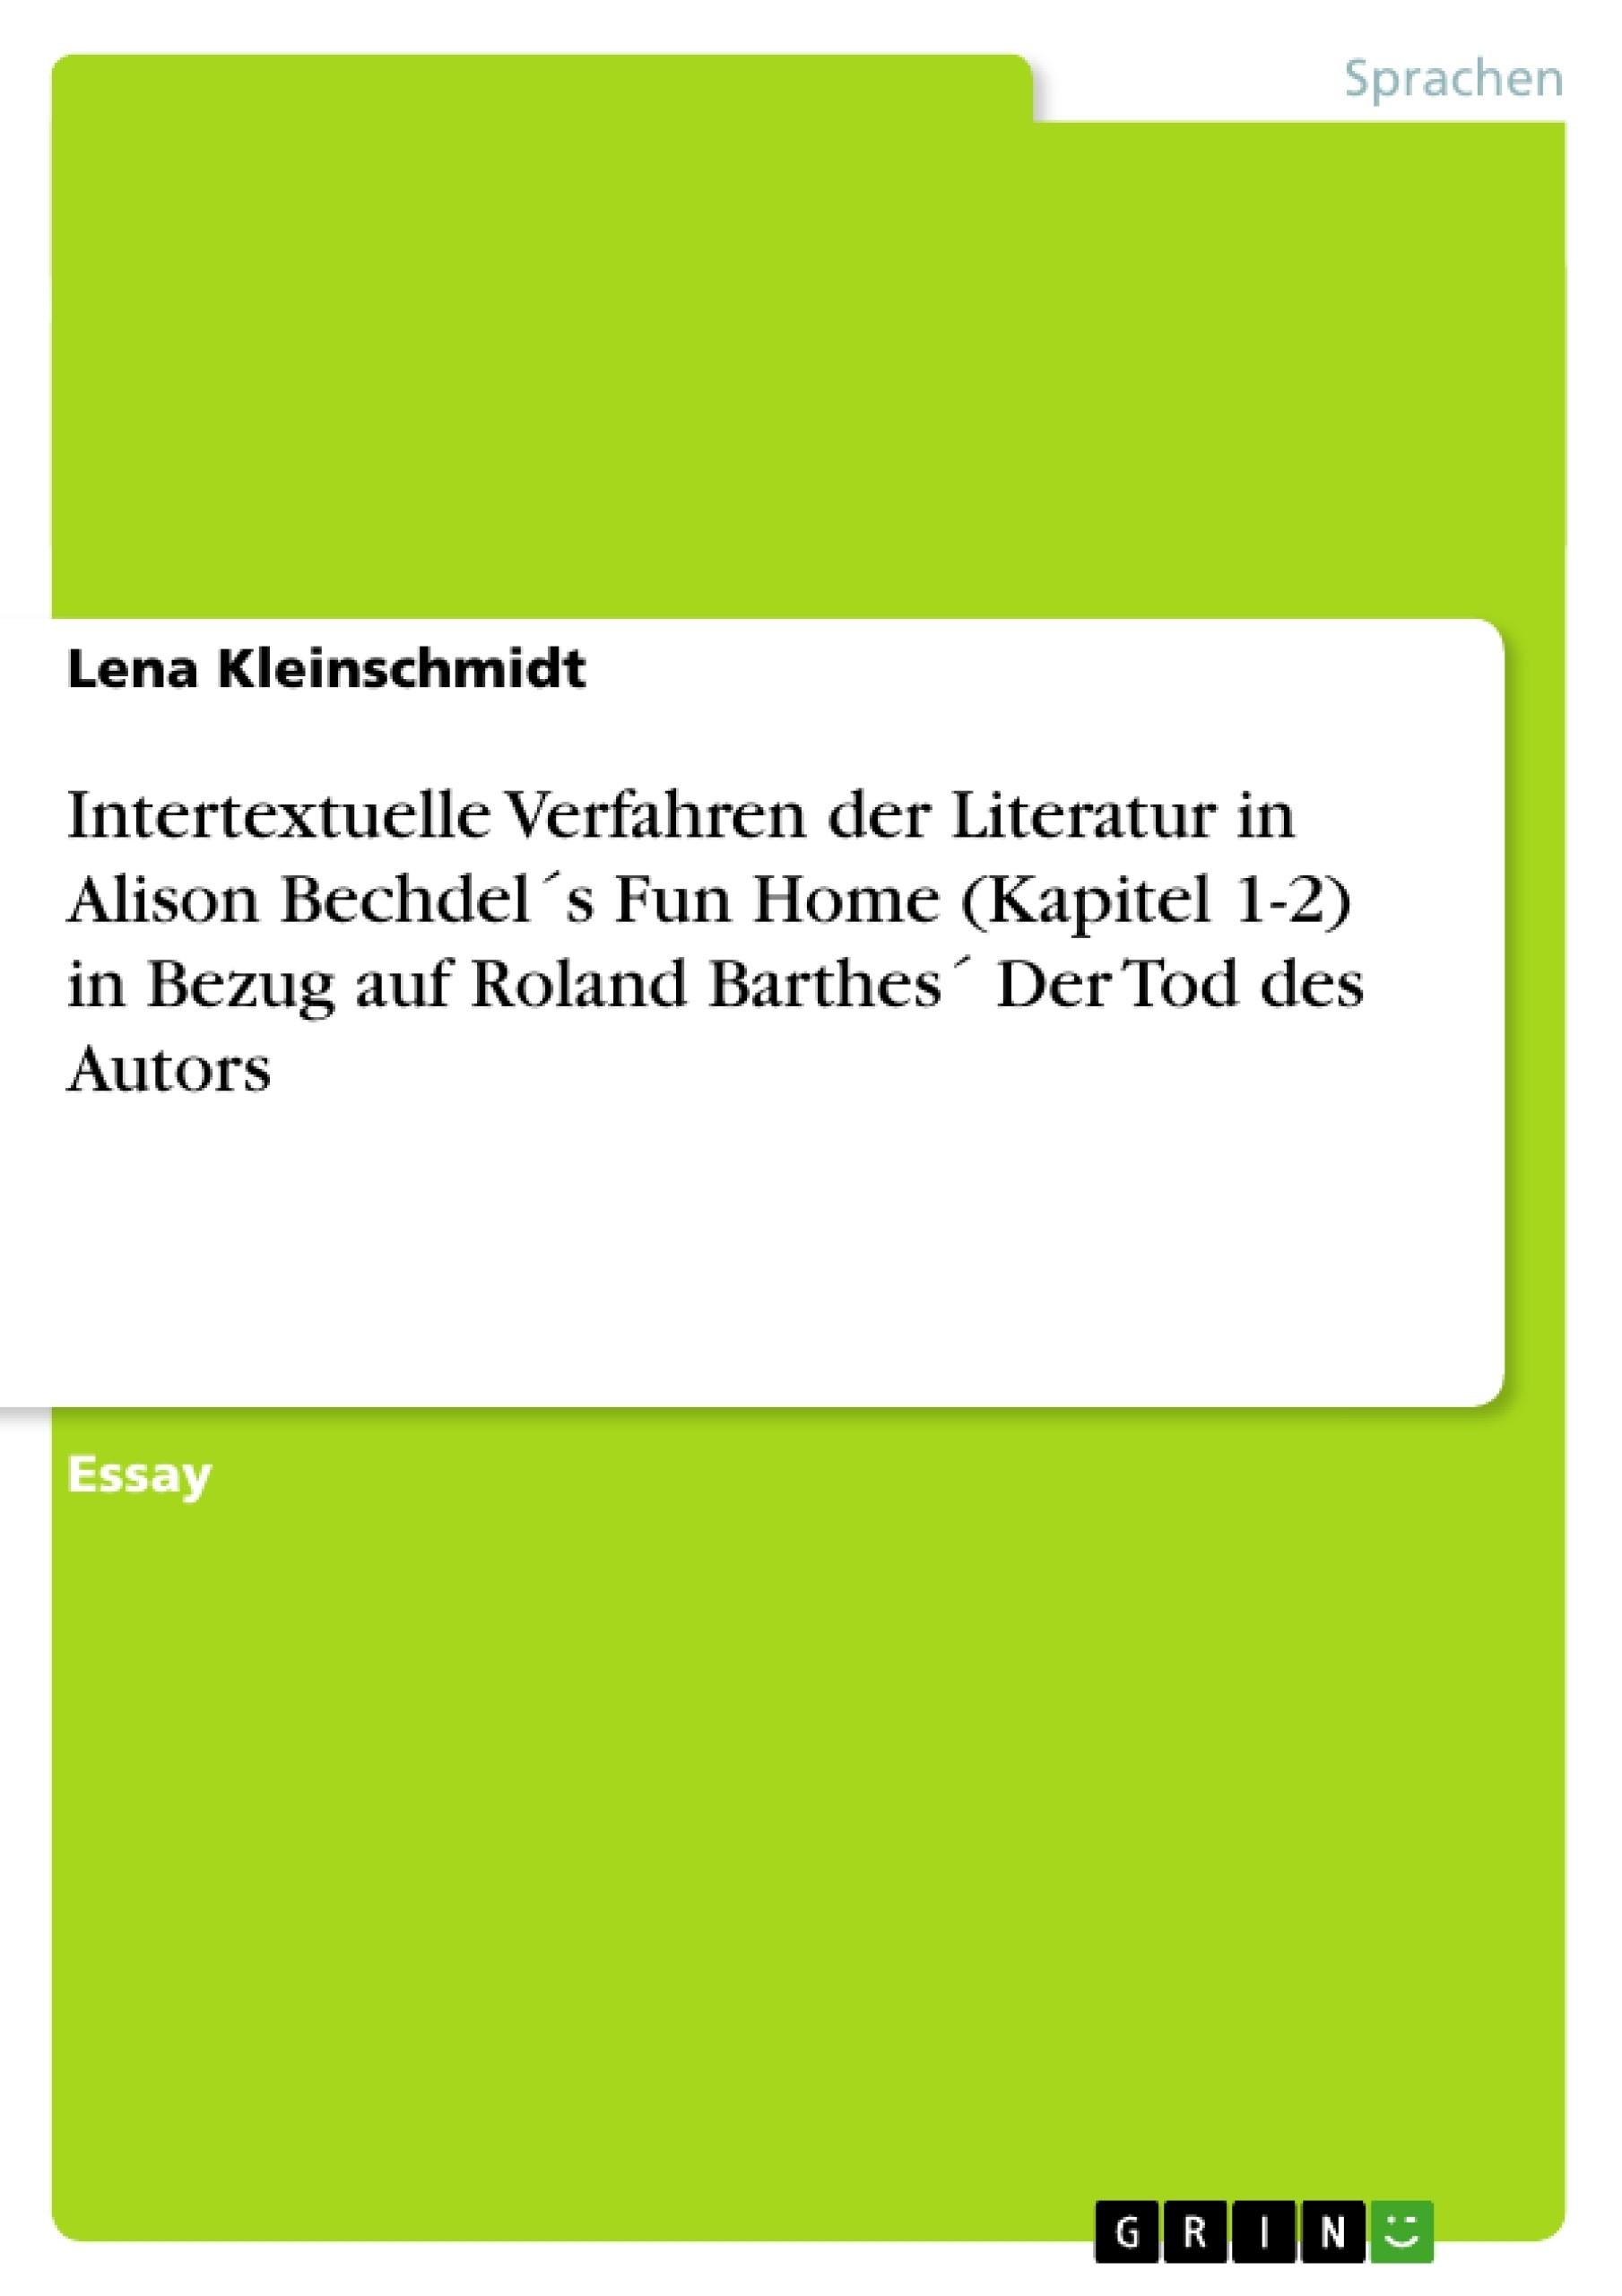 Titel: Intertextuelle Verfahren der Literatur in Alison Bechdel´s Fun Home (Kapitel 1-2) in Bezug auf Roland Barthes´ Der Tod des Autors